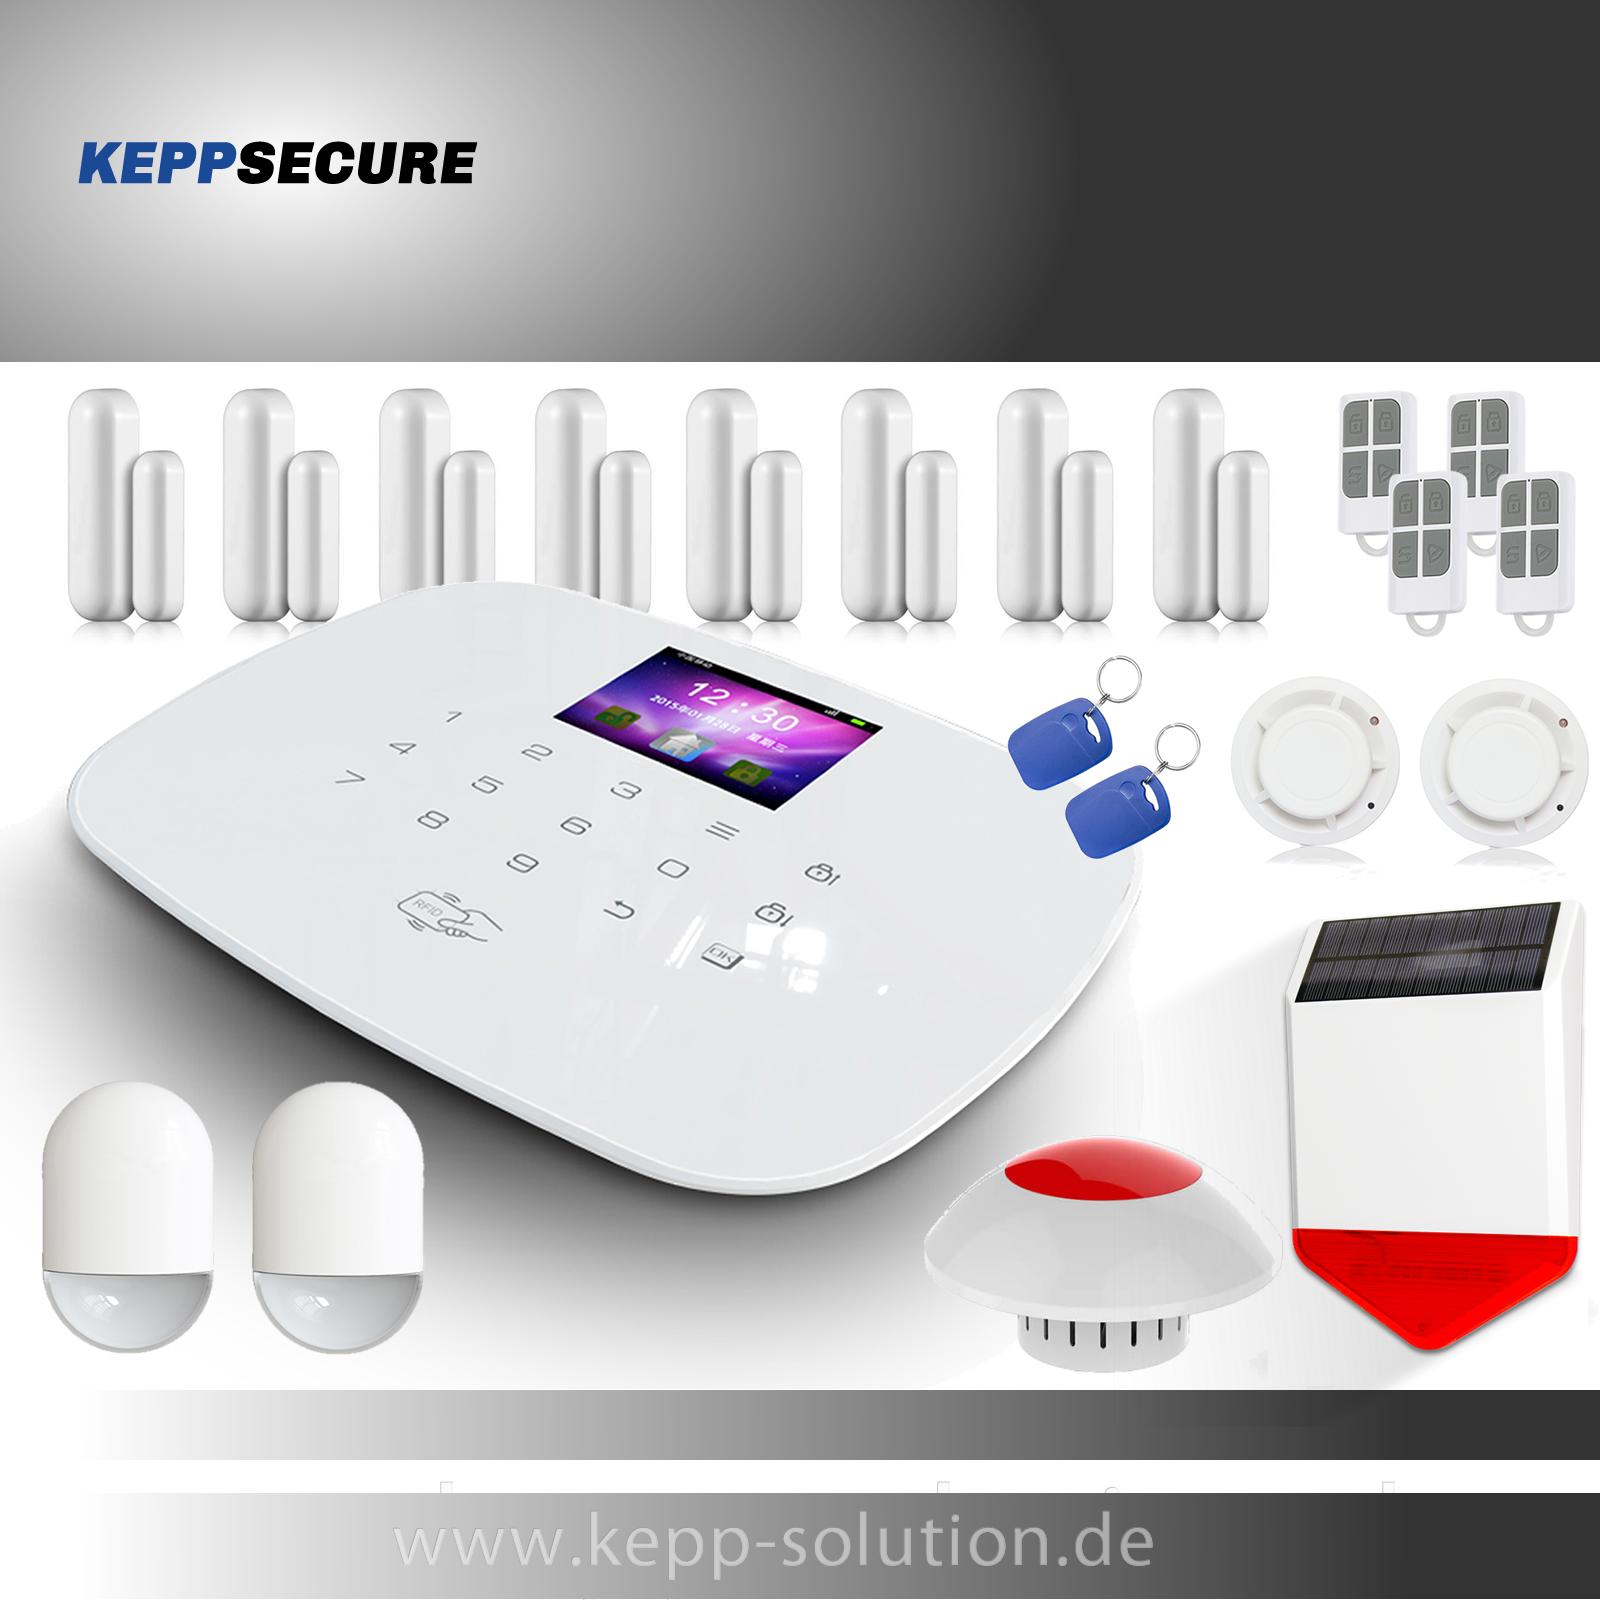 Profi WLAN/&GSM Funk Alarmanlagenset Model W-20.WiFi-Smarthome vom Fachh/ändler KEPPSECURE Alarmanlage mit Bewegungsmelder und WiFi Funktion